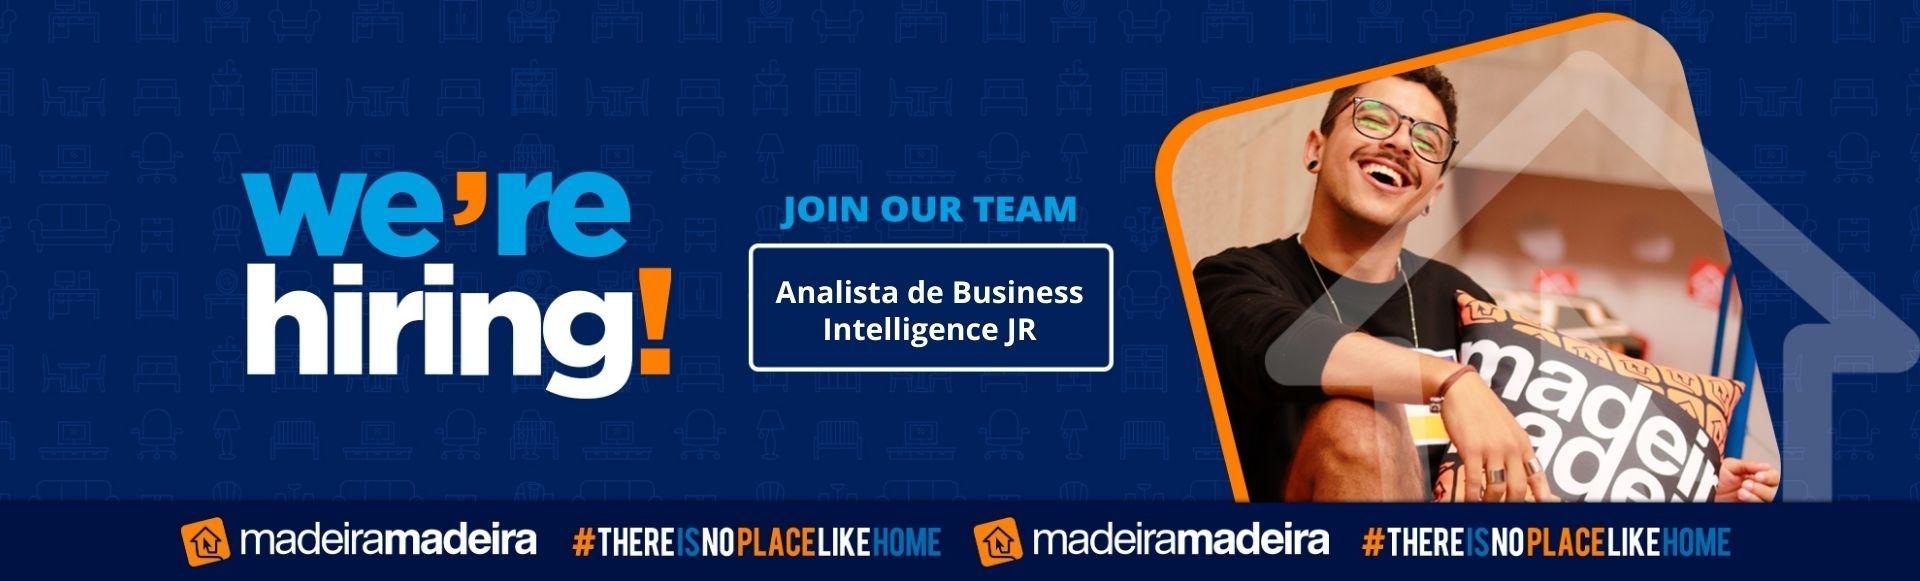 Analista de Business Intelligence JR